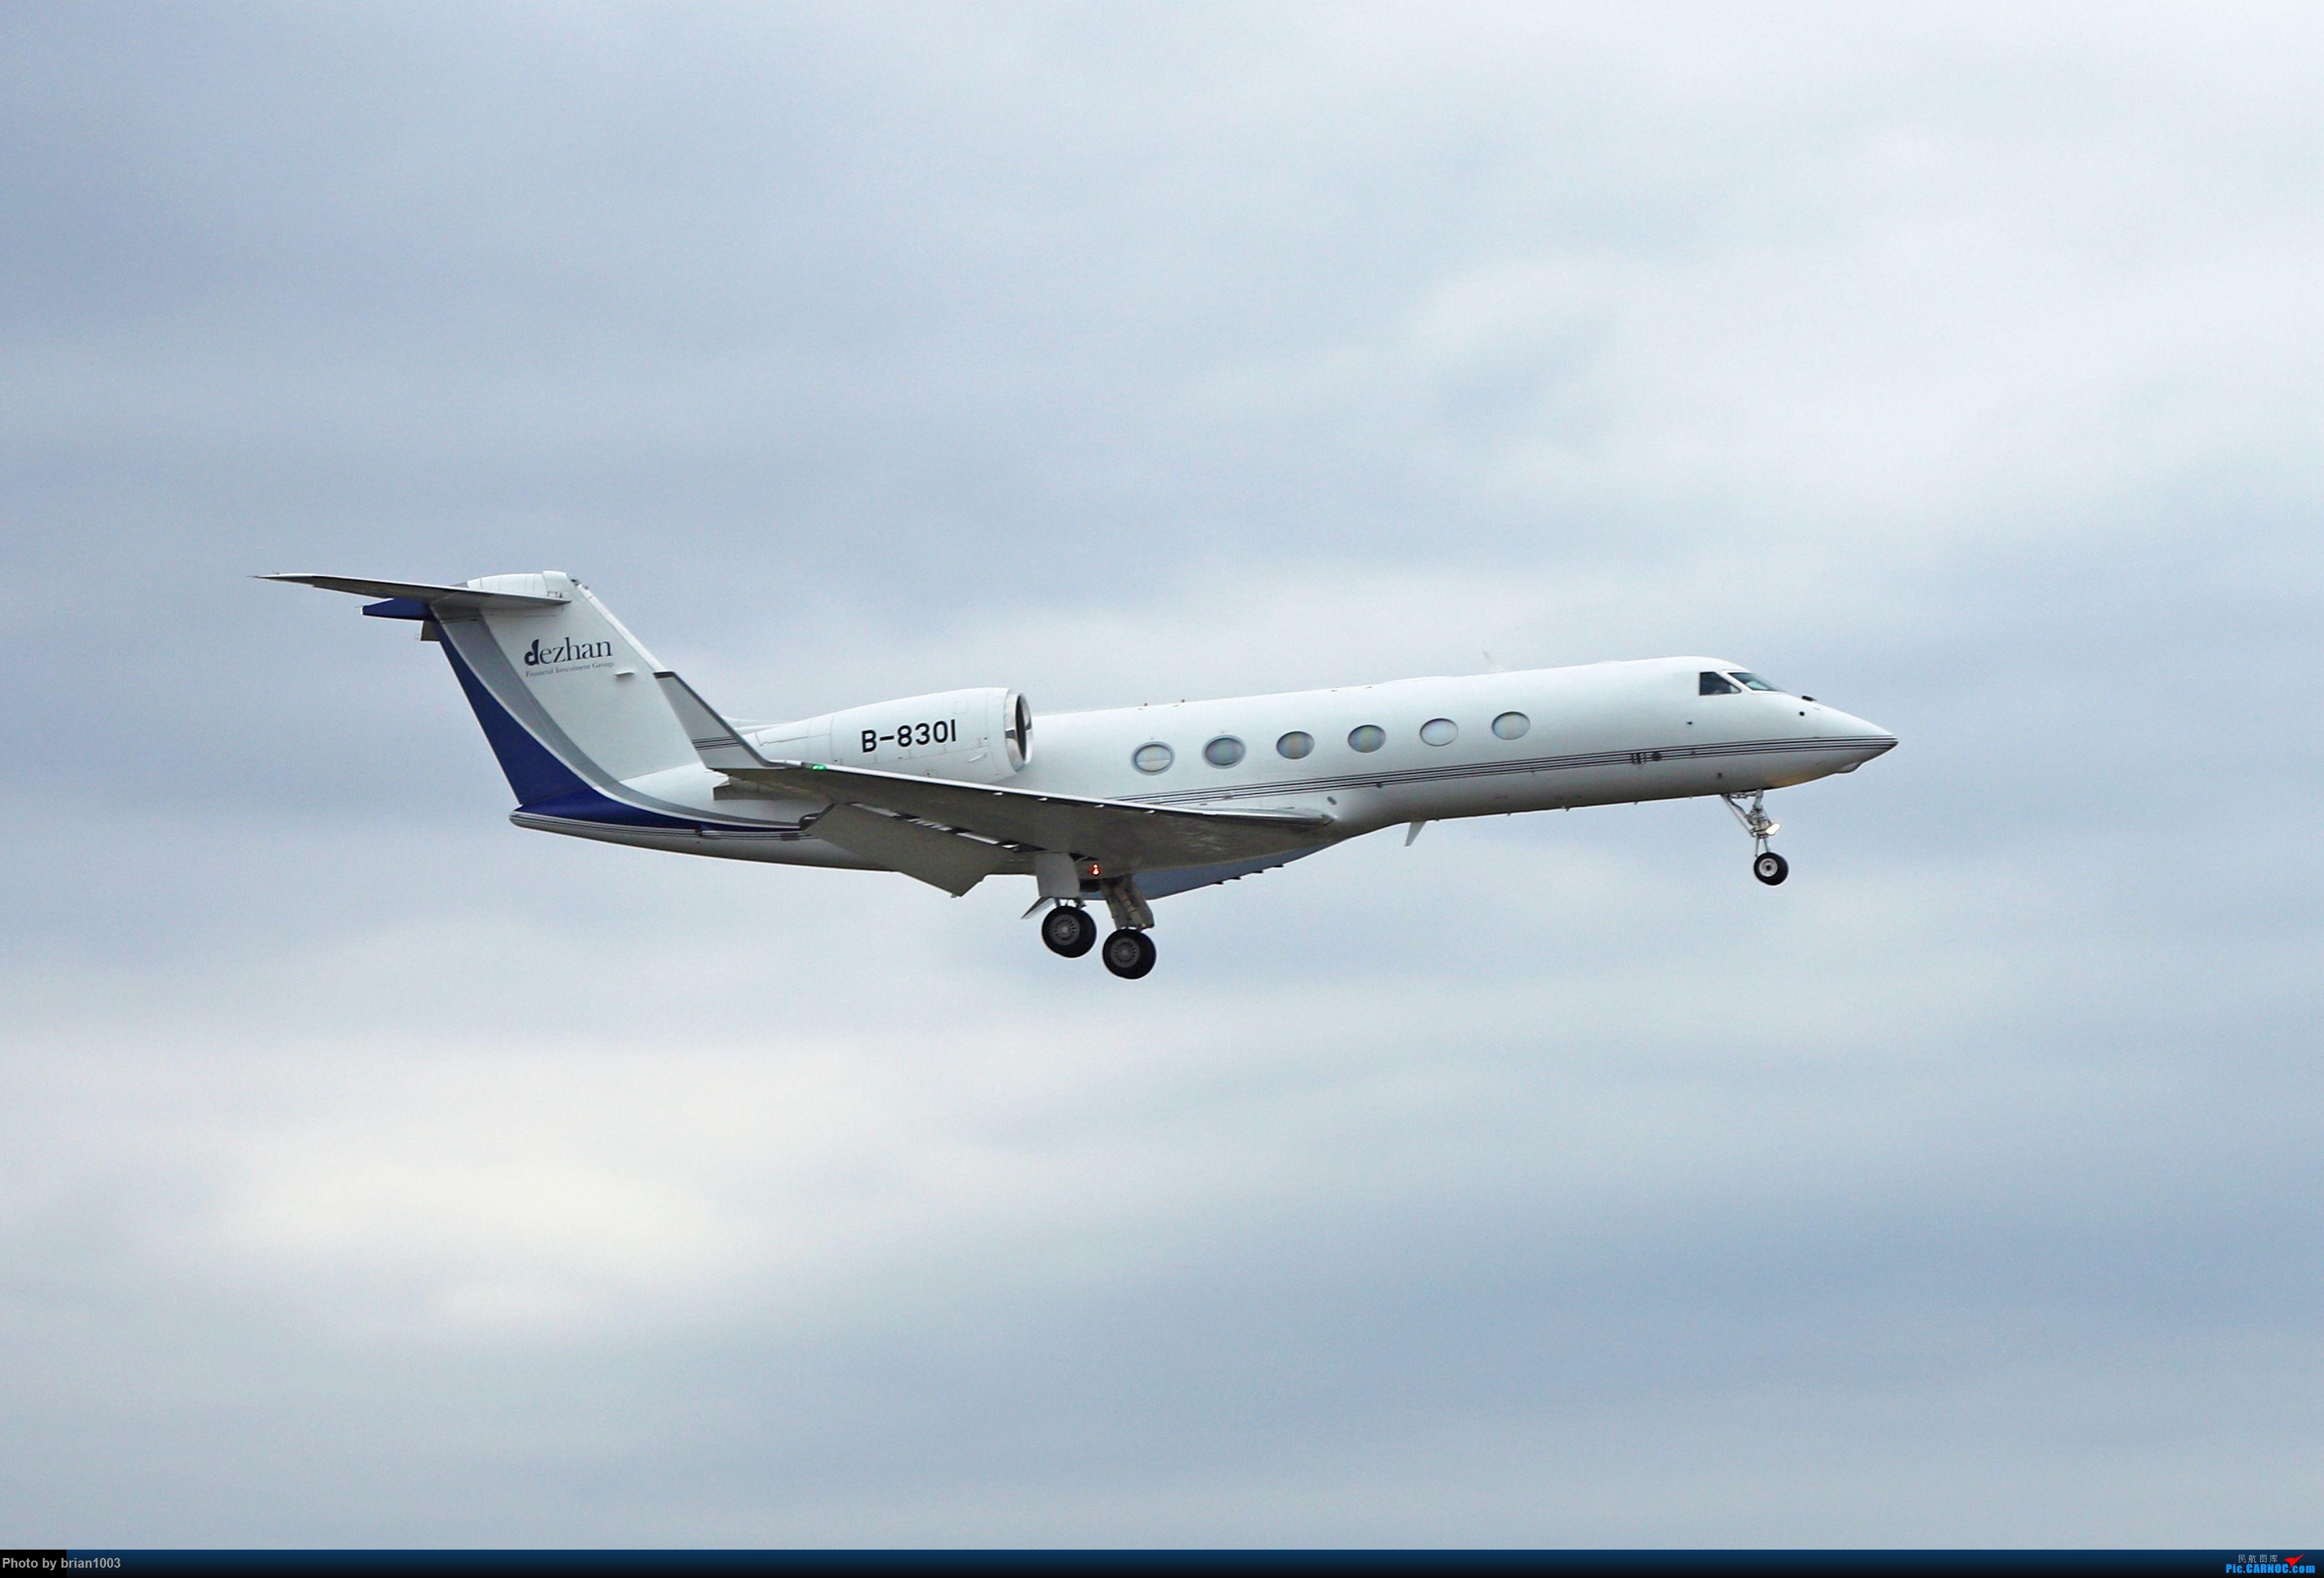 Re:[原创]CZ3347-CZ6734-HU7659,忙里偷闲的三亚拍机之行 GULFSTREAM G450 B-8301 中国三亚凤凰国际机场